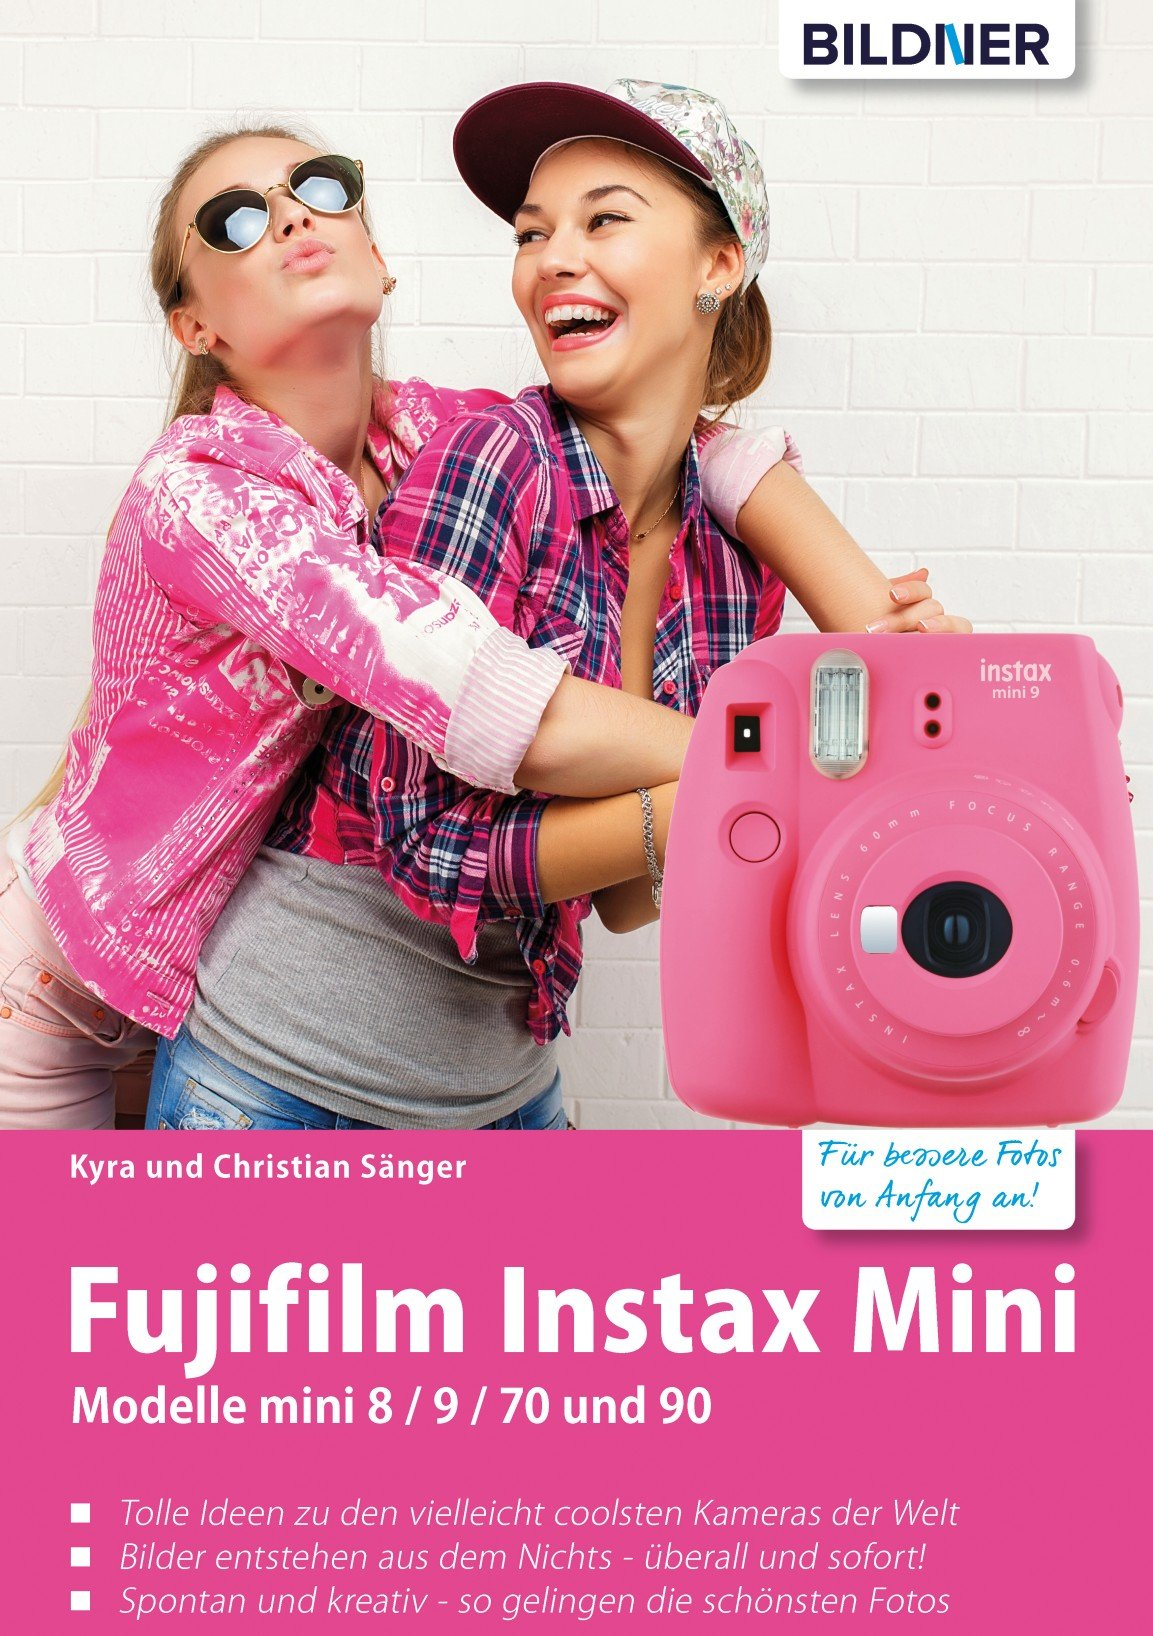 Fujifilm Instax Mini: Tolle Ideen zu den Instax Kameras - die ...